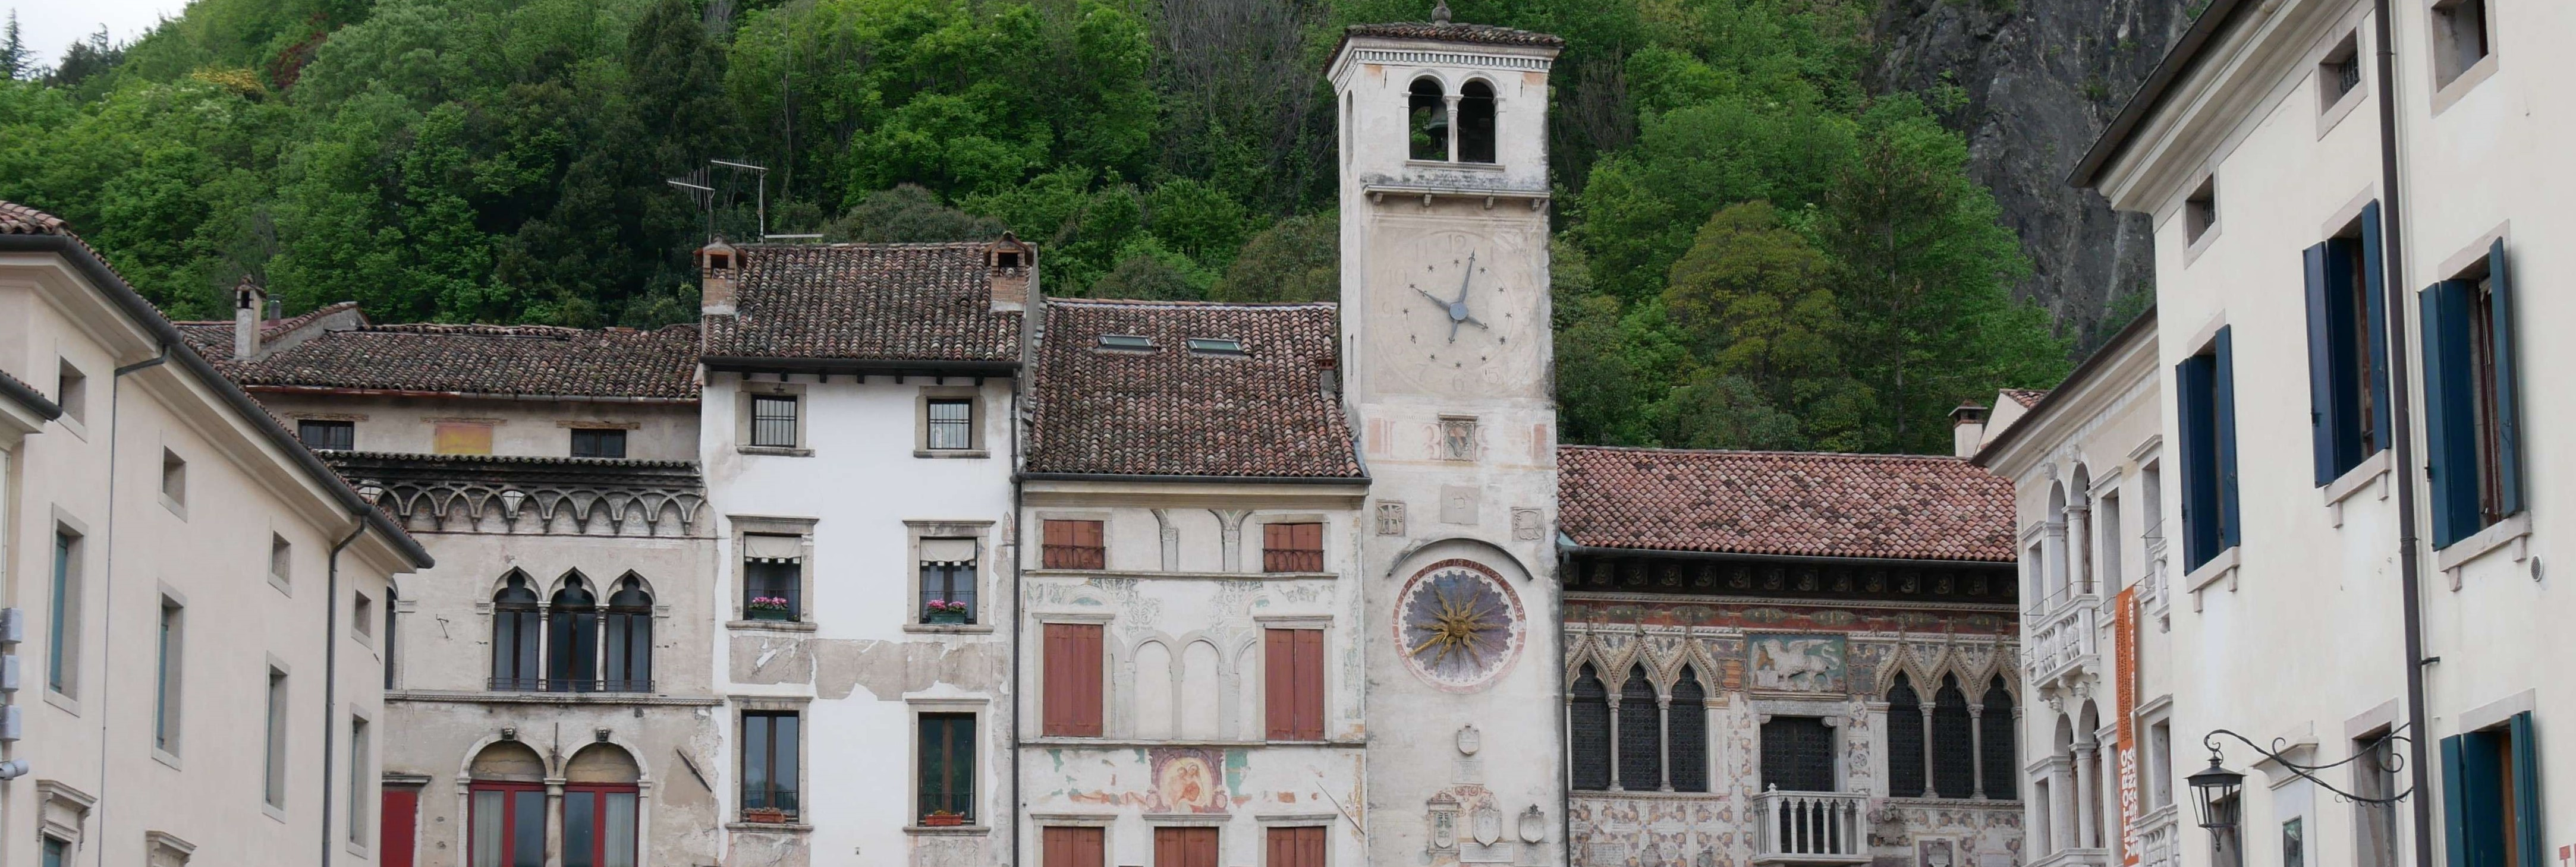 Foto della facciata di alcuni palazzi a Serravalle, quartiere di Vittorio Veneto la cui sosta è gestita da Abaco Mobility